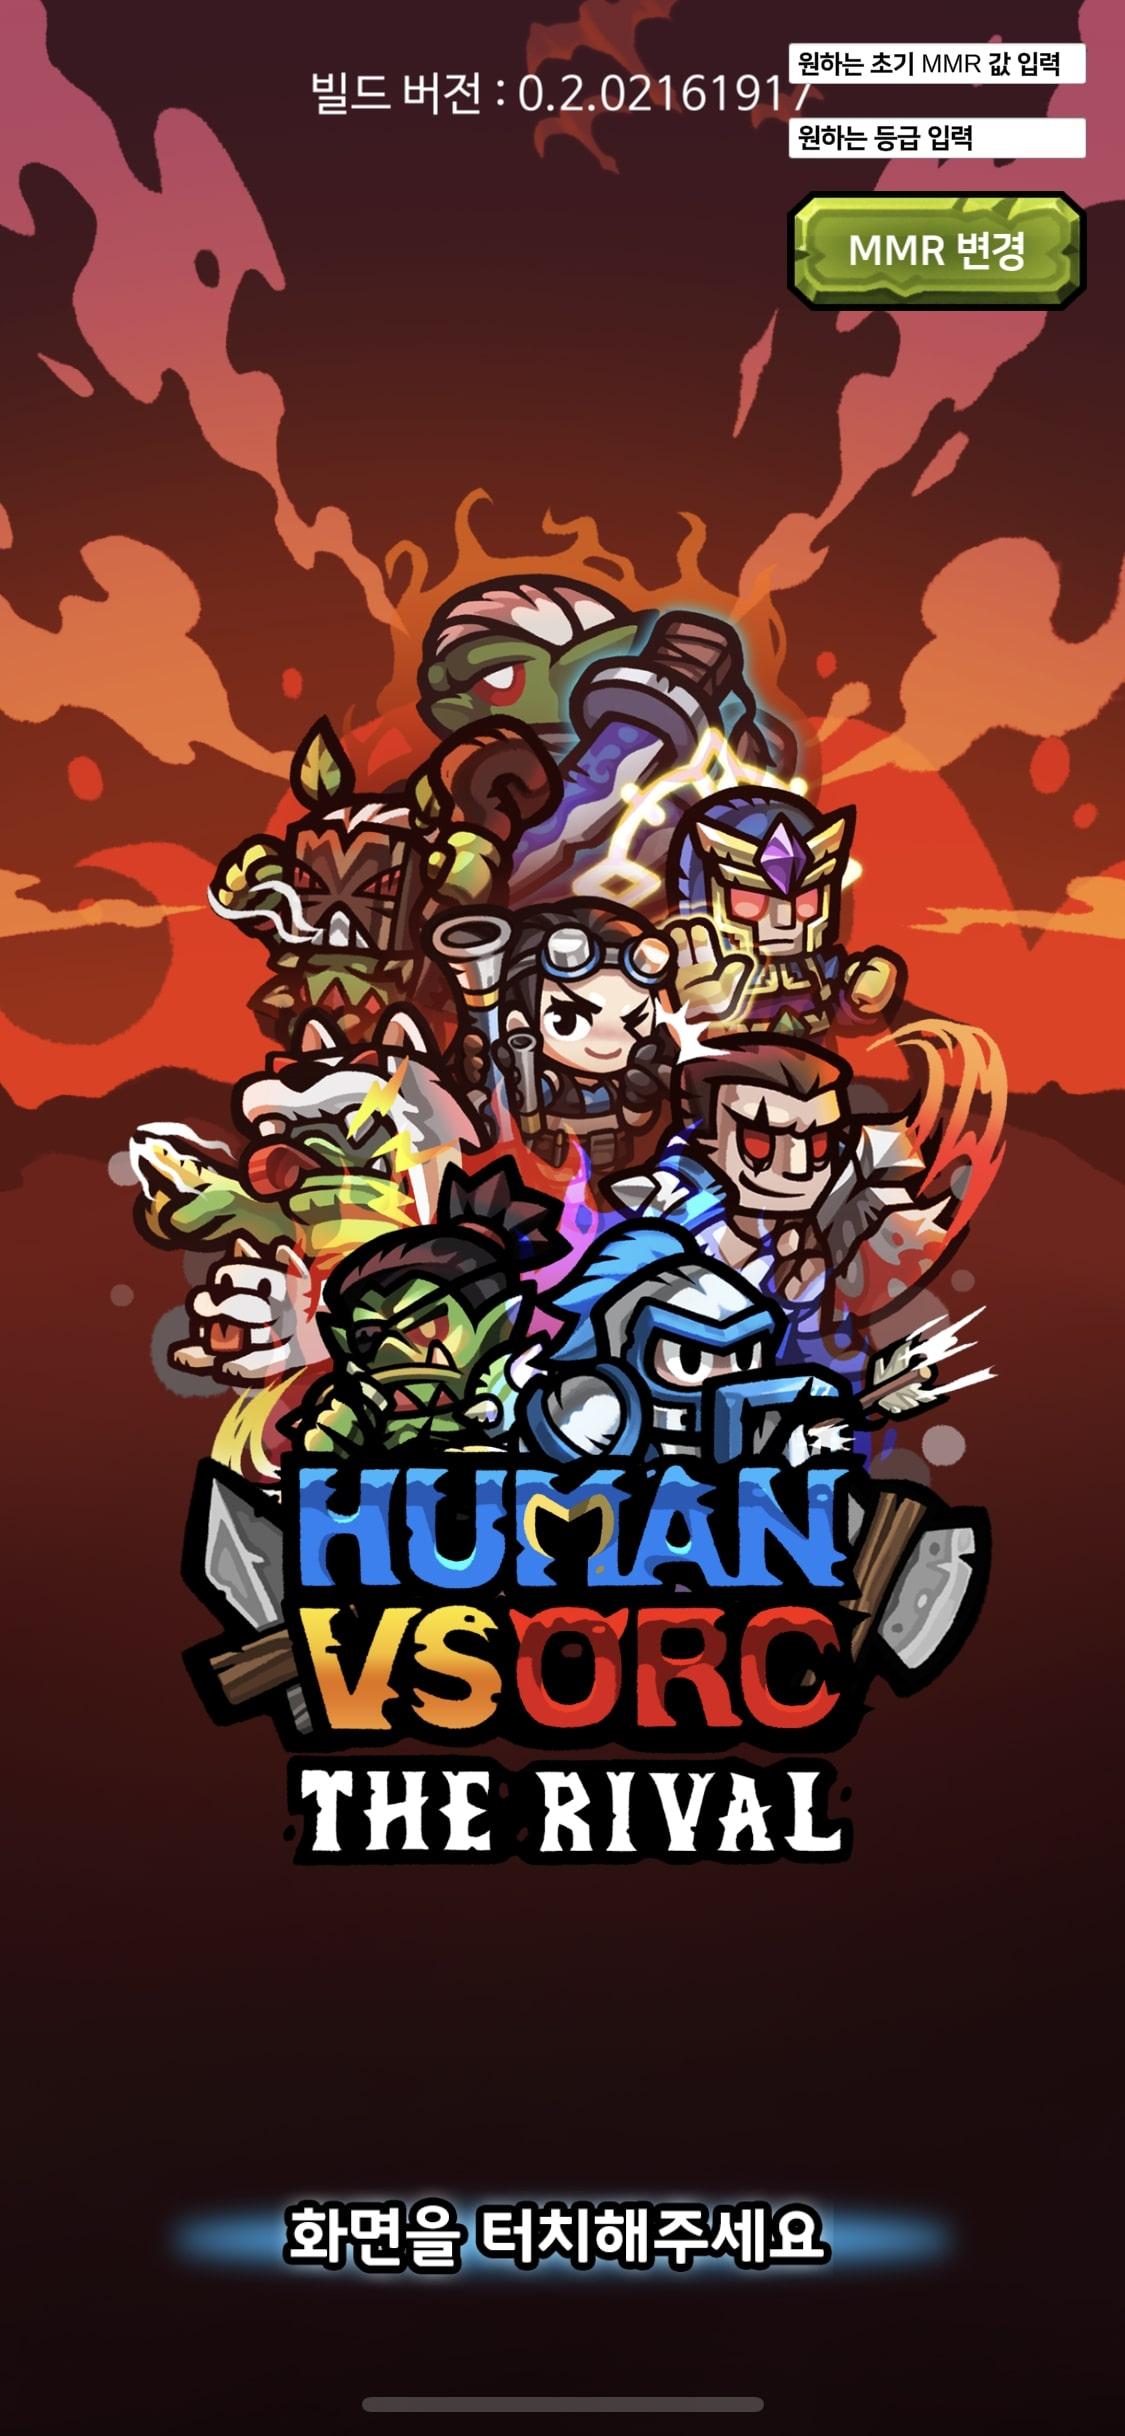 현재 개발중인 게임 이미지